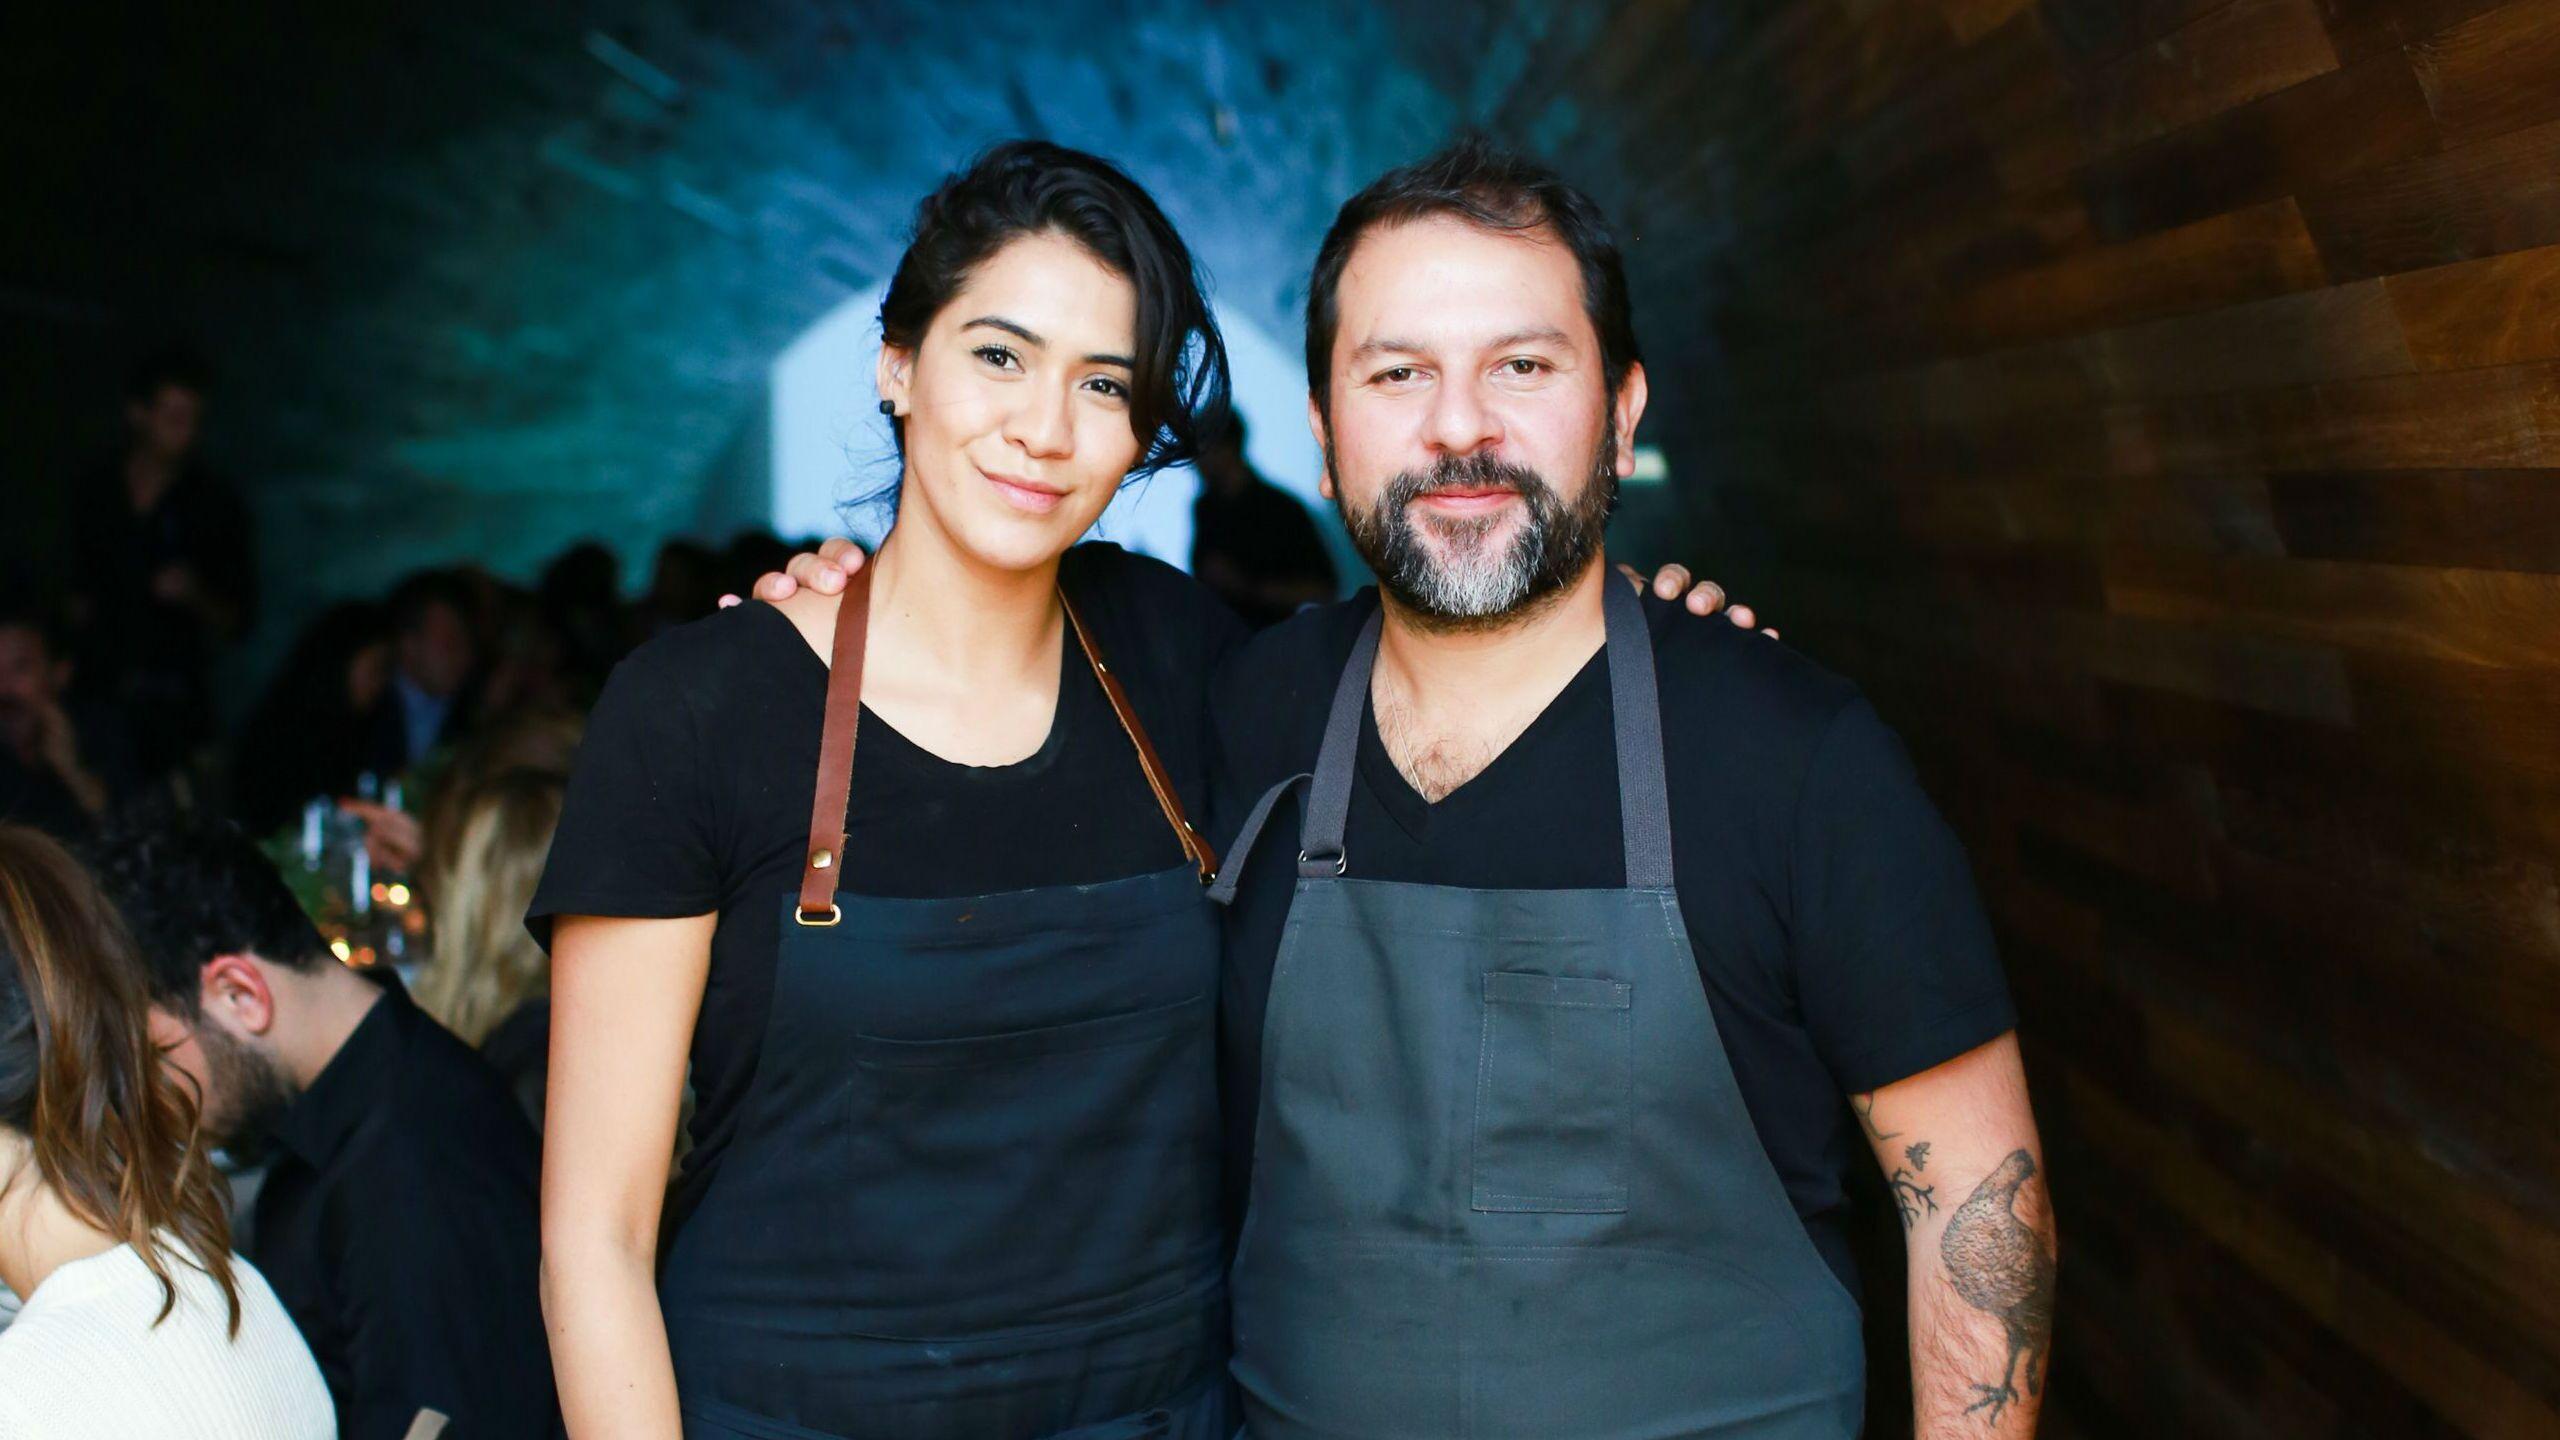 Enrique Olvera y Daniela Soto-Innes abrirán un restaurante en Las Vegas